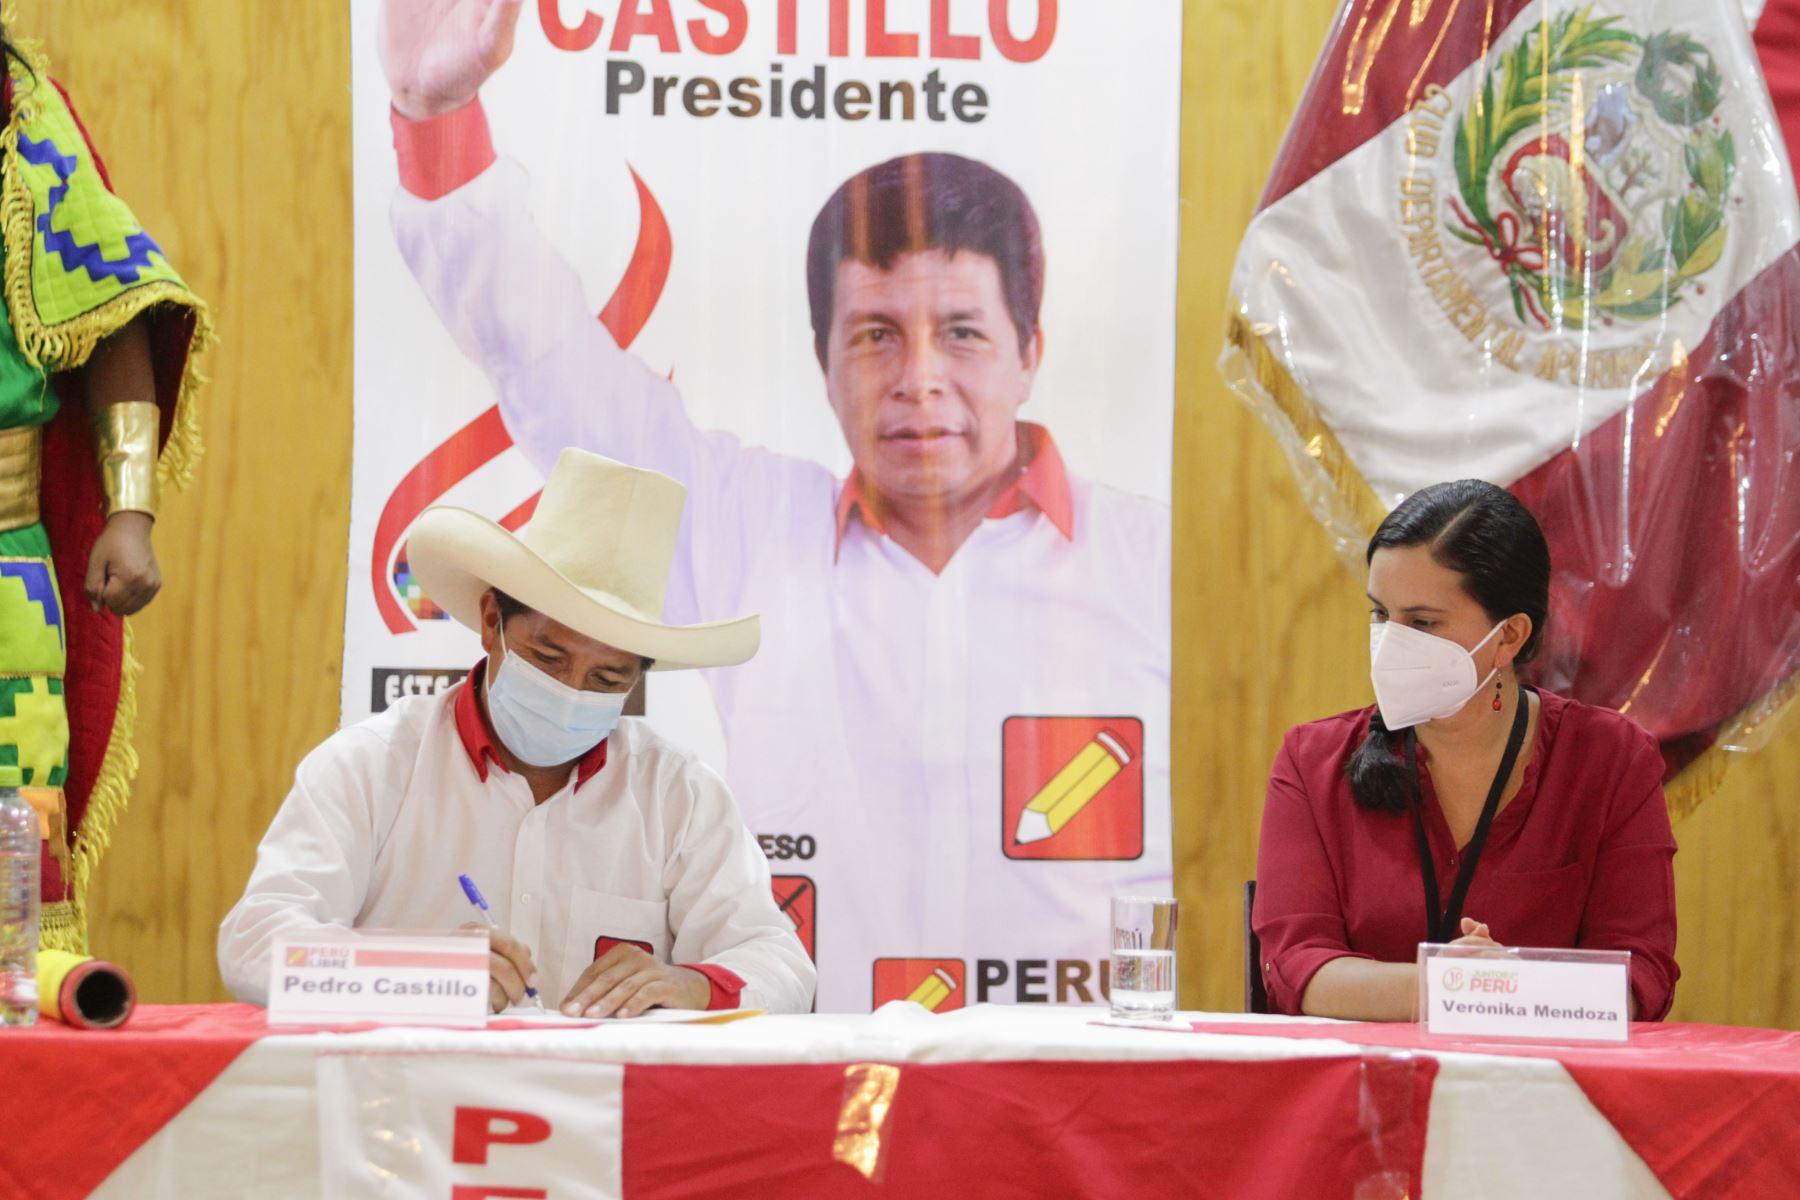 En conferencia de prensa el candidato de Perú Libre, Pedro Castillo suscribe compromiso con Verónica Mendoza de Juntos por el Perú con miras a la 2da vuelta electoral. Foto: ANDINA/Renato Pajuelo